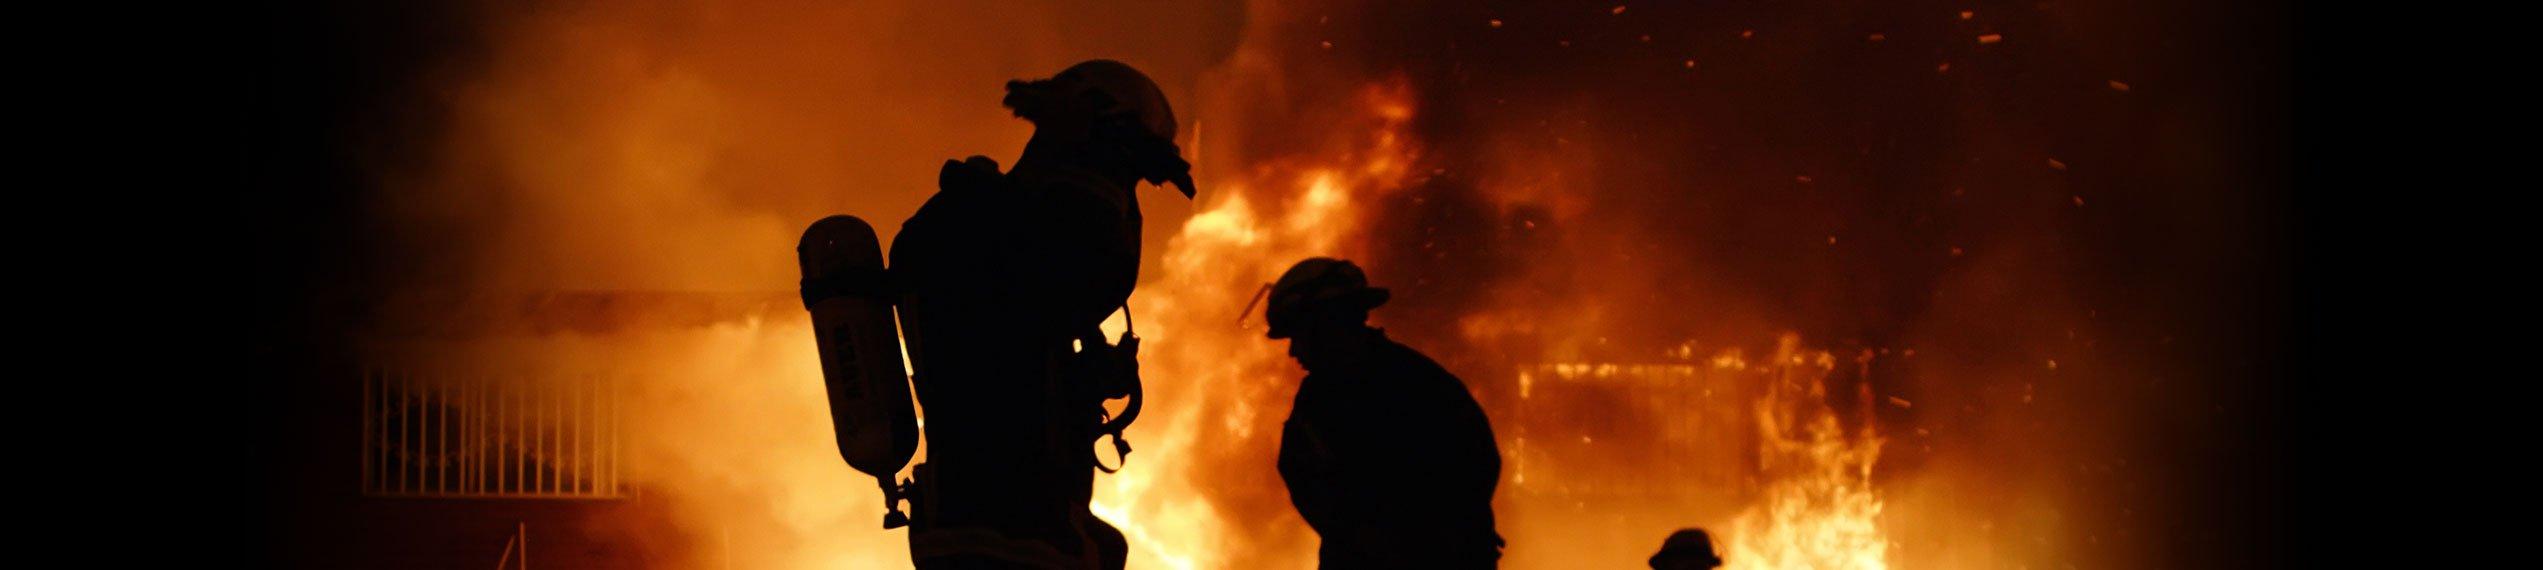 Fire & Smoke Damage Removal in Paul Davis Restoration Of Augusta/Aiken